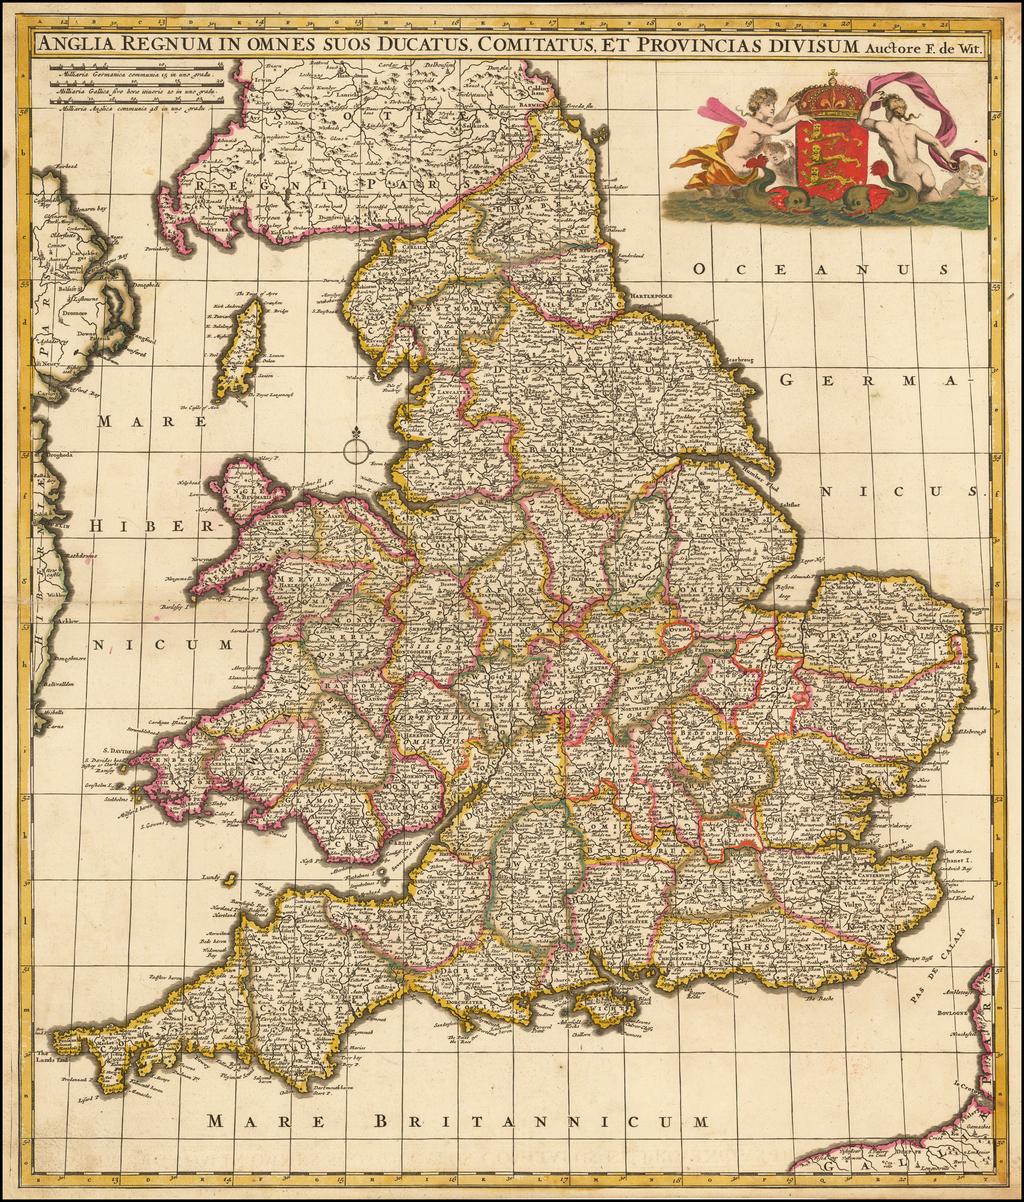 Anglia Regnum In Omnes Suos Ducatus, Comitatus, et Provincias Divisum   By Frederick De Wit